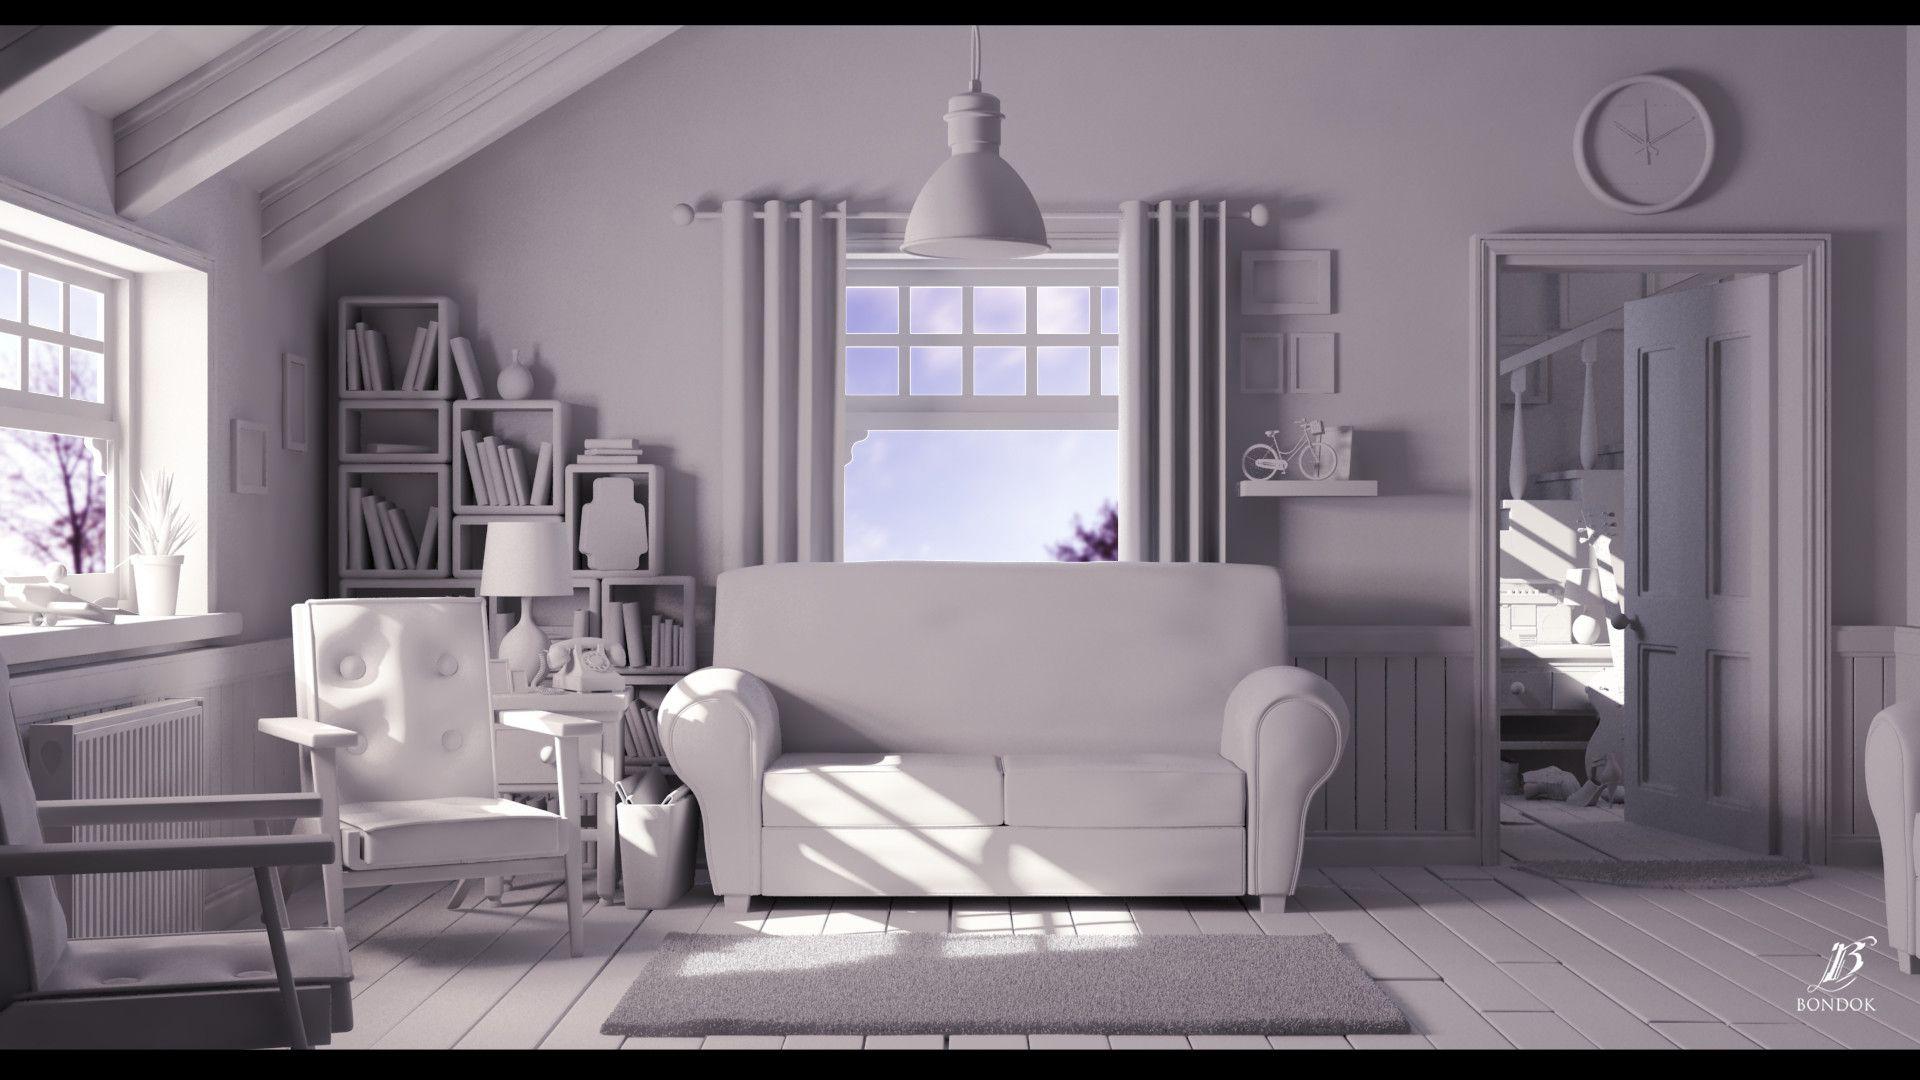 Artstation Cartoon Living Room Bondok Max 디자인 3d 디자인